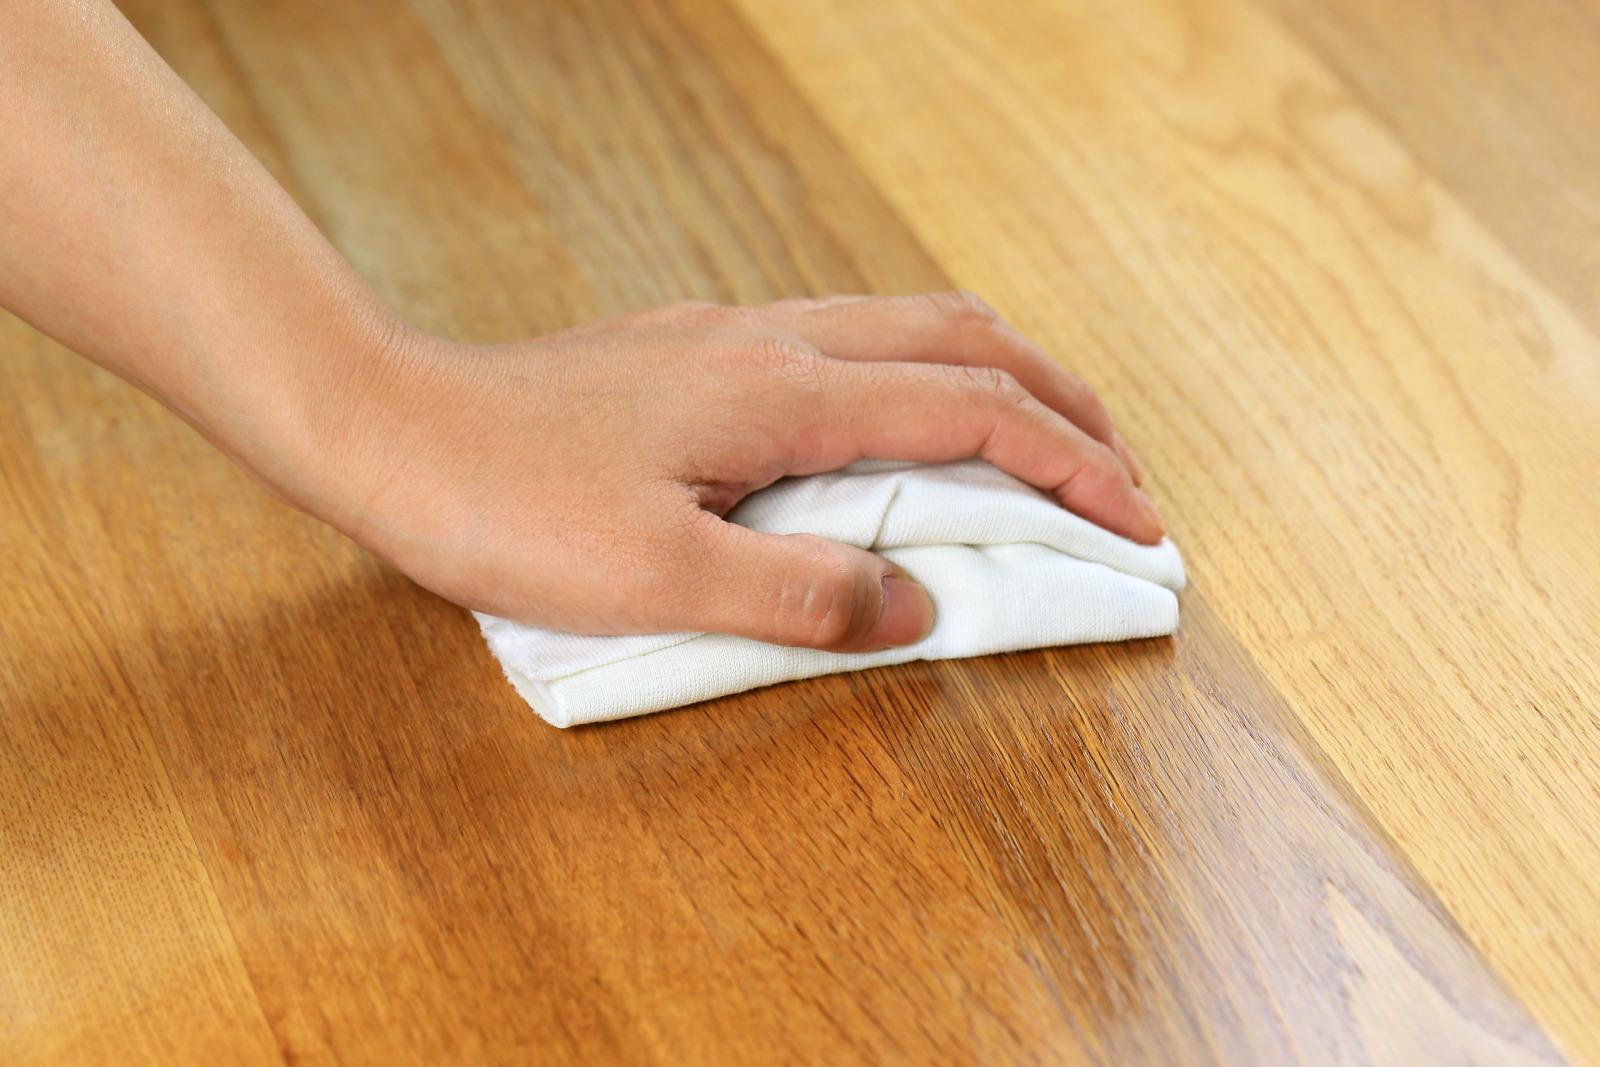 Odświeżanie (renowacja) mebli olejowanych w warunkach domowych